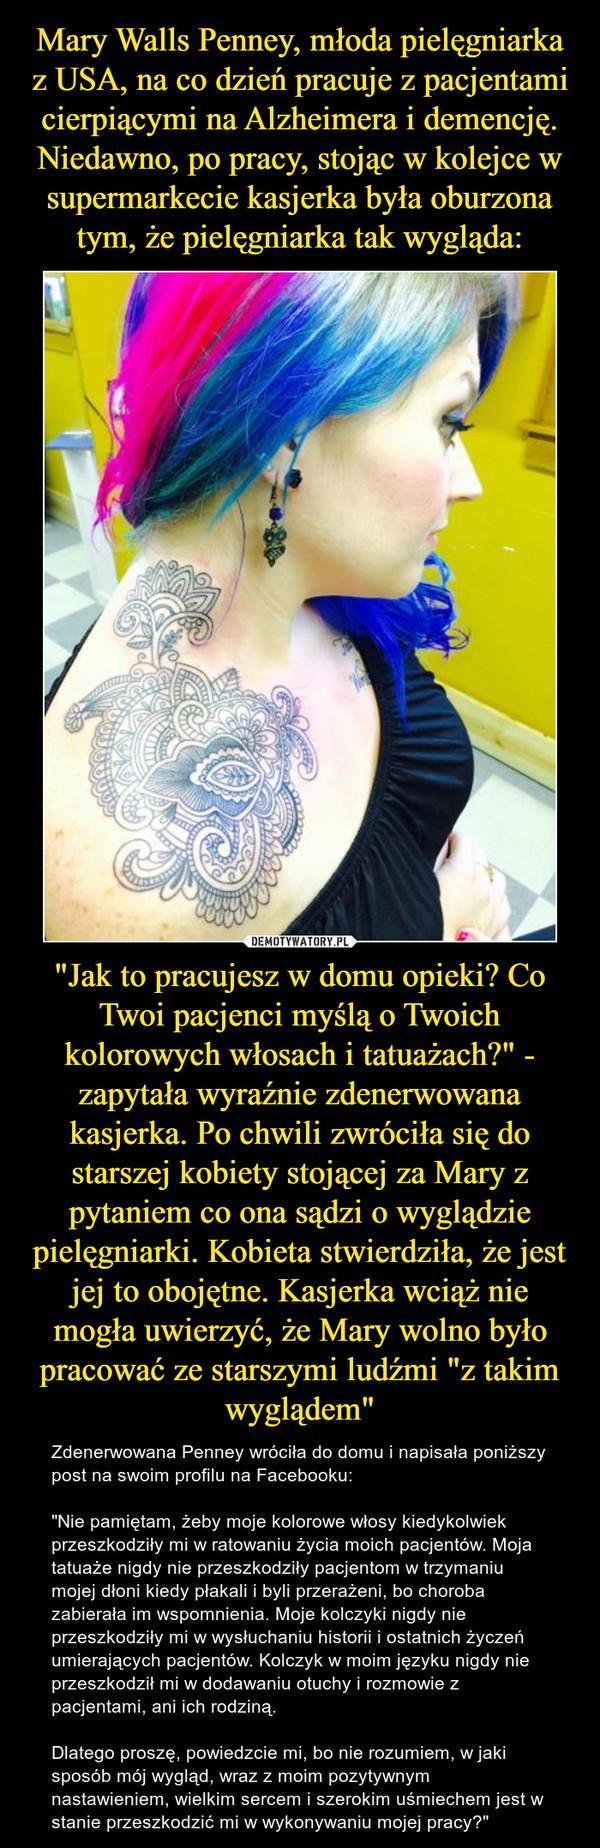 """""""Jak to pracujesz w domu opieki? Co Twoi pacjenci myślą o Twoich kolorowych włosach i tatuażach?"""" - zapytała wyraźnie zdenerwowana kasjerka. Po chwili zwróciła się do starszej kobiety stojącej za Mary z pytaniem co ona sądzi o wyglądzie pielęgniarki. Kobi – Zdenerwowana Penney wróciła do domu i napisała poniższy post na swoim profilu na Facebooku: """"Nie pamiętam, żeby moje kolorowe włosy kiedykolwiek przeszkodziły mi w ratowaniu życia moich pacjentów. Moja tatuaże nigdy nie przeszkodziły pacjentom w trzymaniu mojej dłoni kiedy płakali i byli przerażeni, bo choroba zabierała im wspomnienia. Moje kolczyki nigdy nie przeszkodziły mi w wysłuchaniu historii i ostatnich życzeń umierających pacjentów. Kolczyk w moim języku nigdy nie przeszkodził mi w dodawaniu otuchy i rozmowie z pacjentami, ani ich rodziną. Dlatego proszę, powiedzcie mi, bo nie rozumiem, w jaki sposób mój wygląd, wraz z moim pozytywnym nastawieniem, wielkim sercem i szerokim uśmiechem jest w stanie przeszkodzić mi w wykonywaniu mojej pracy?"""""""